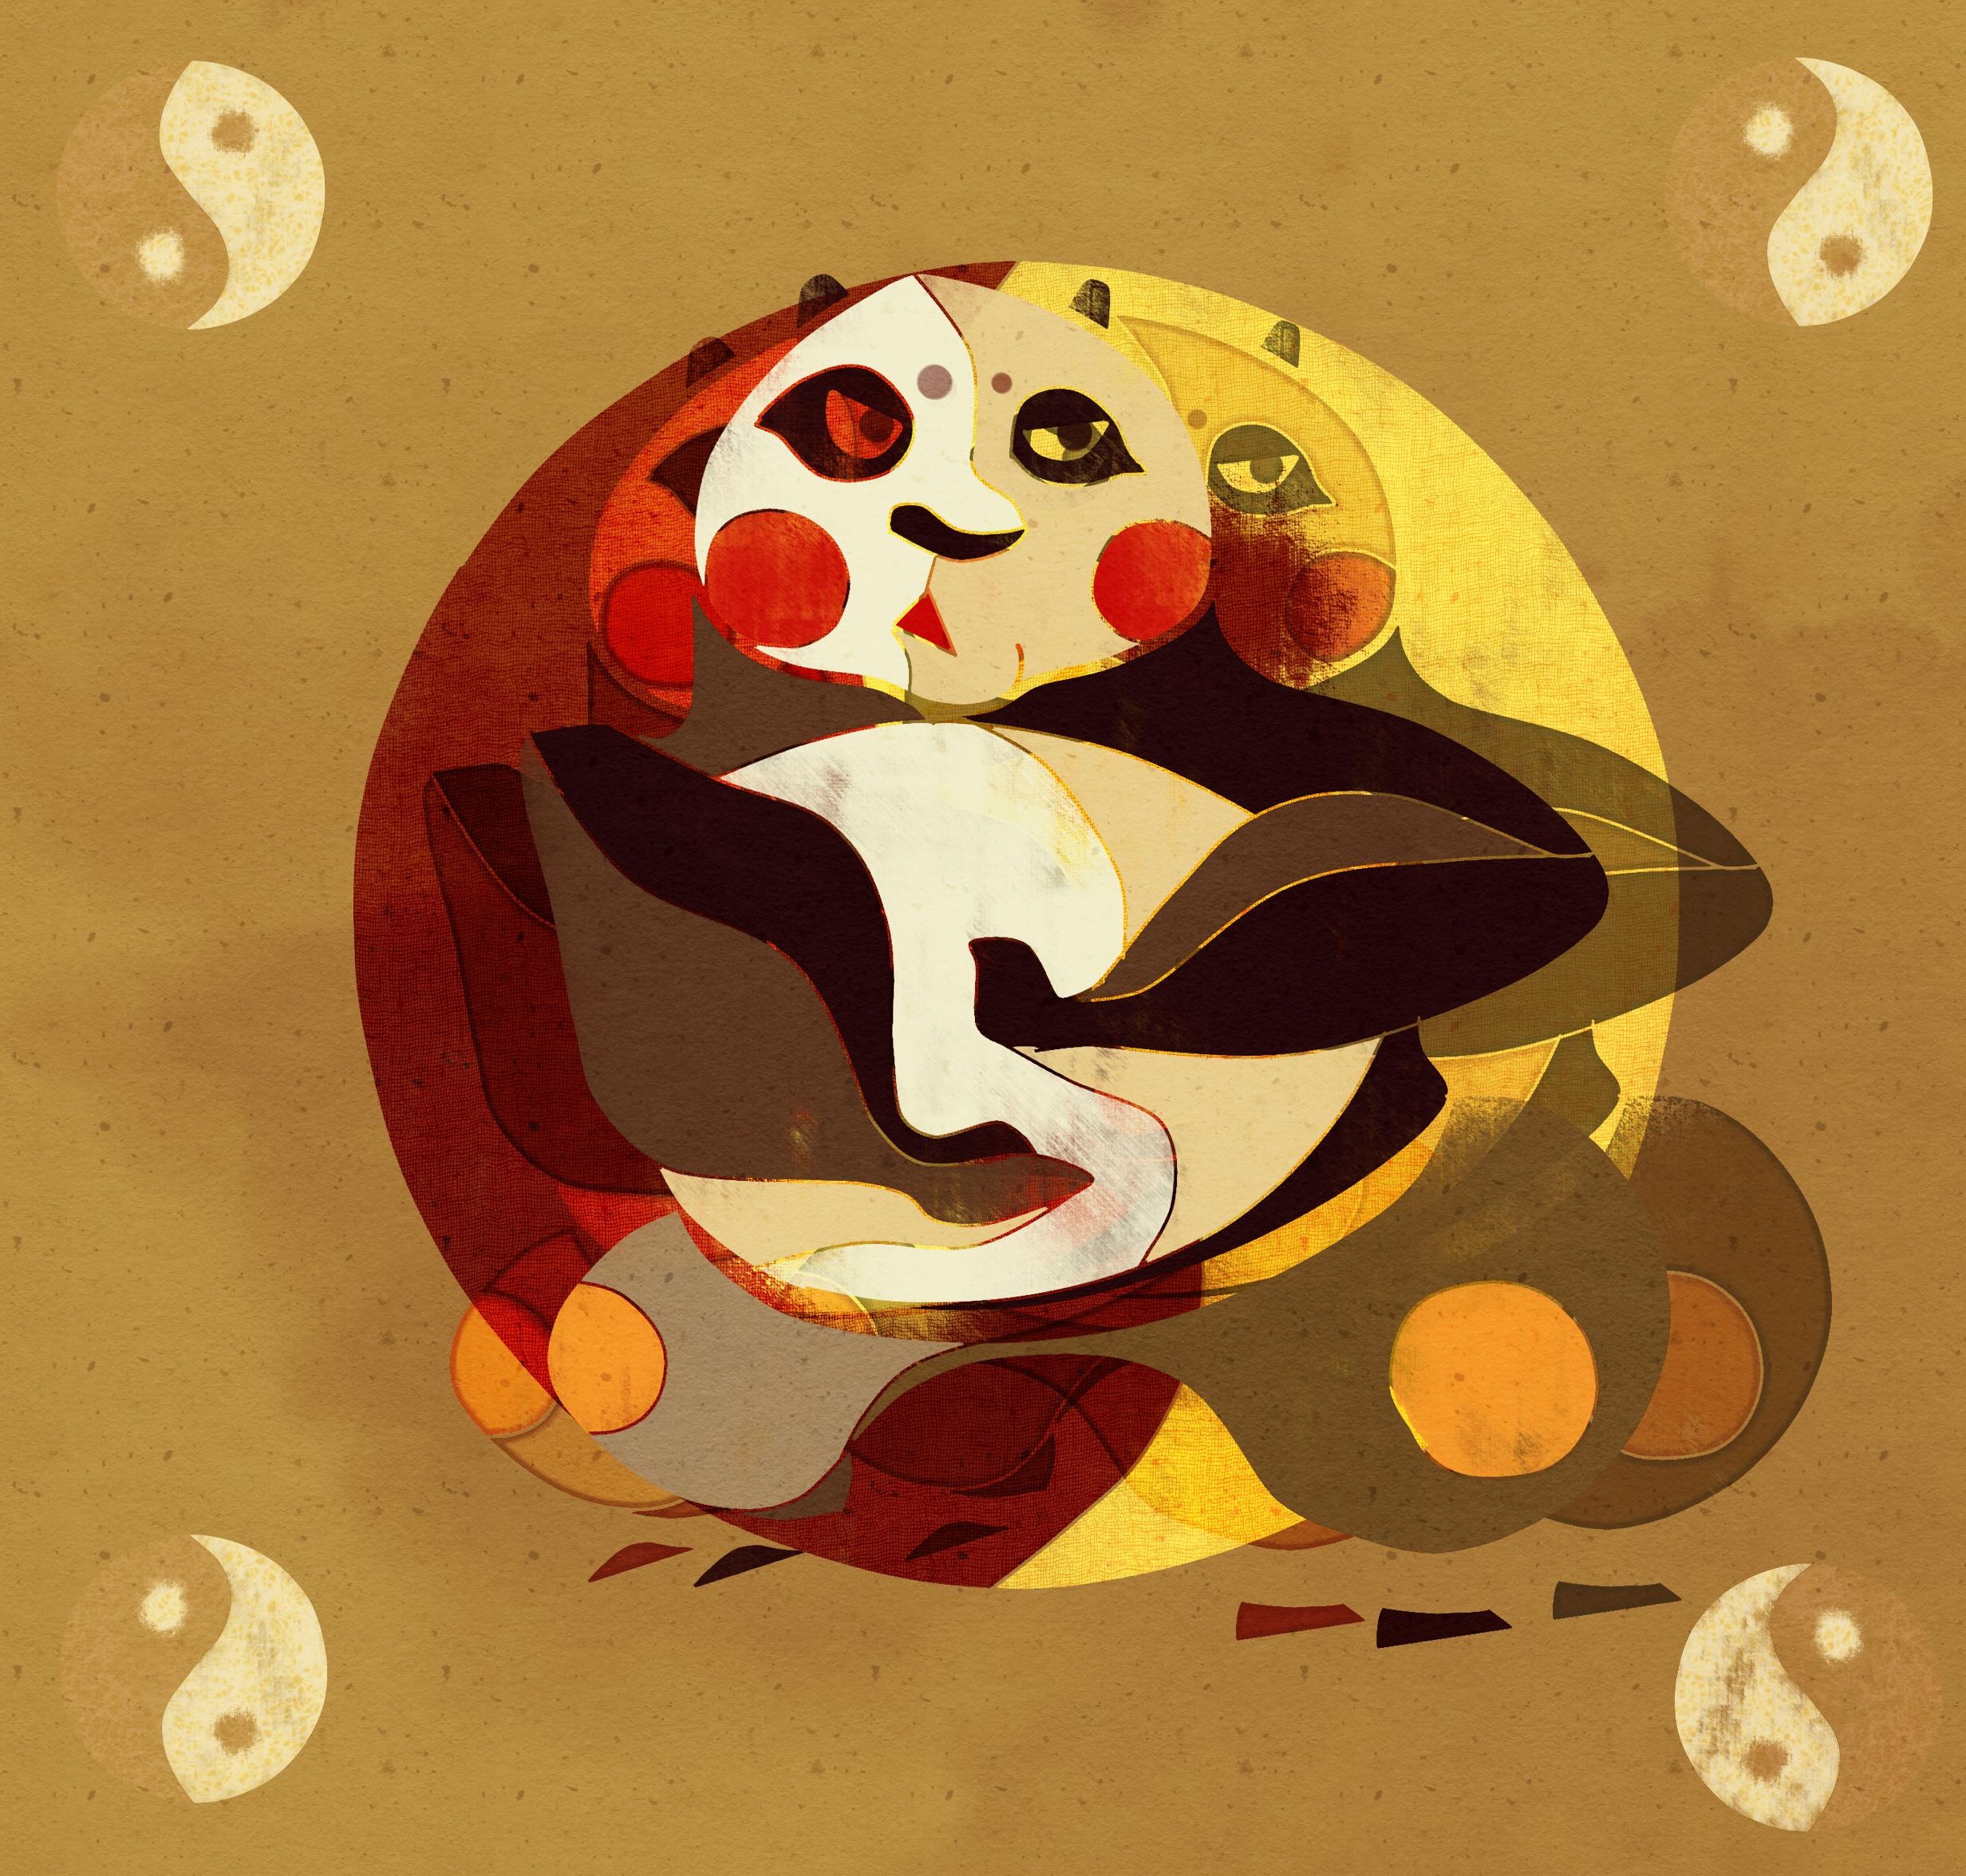 碟片手工制作图片熊猫